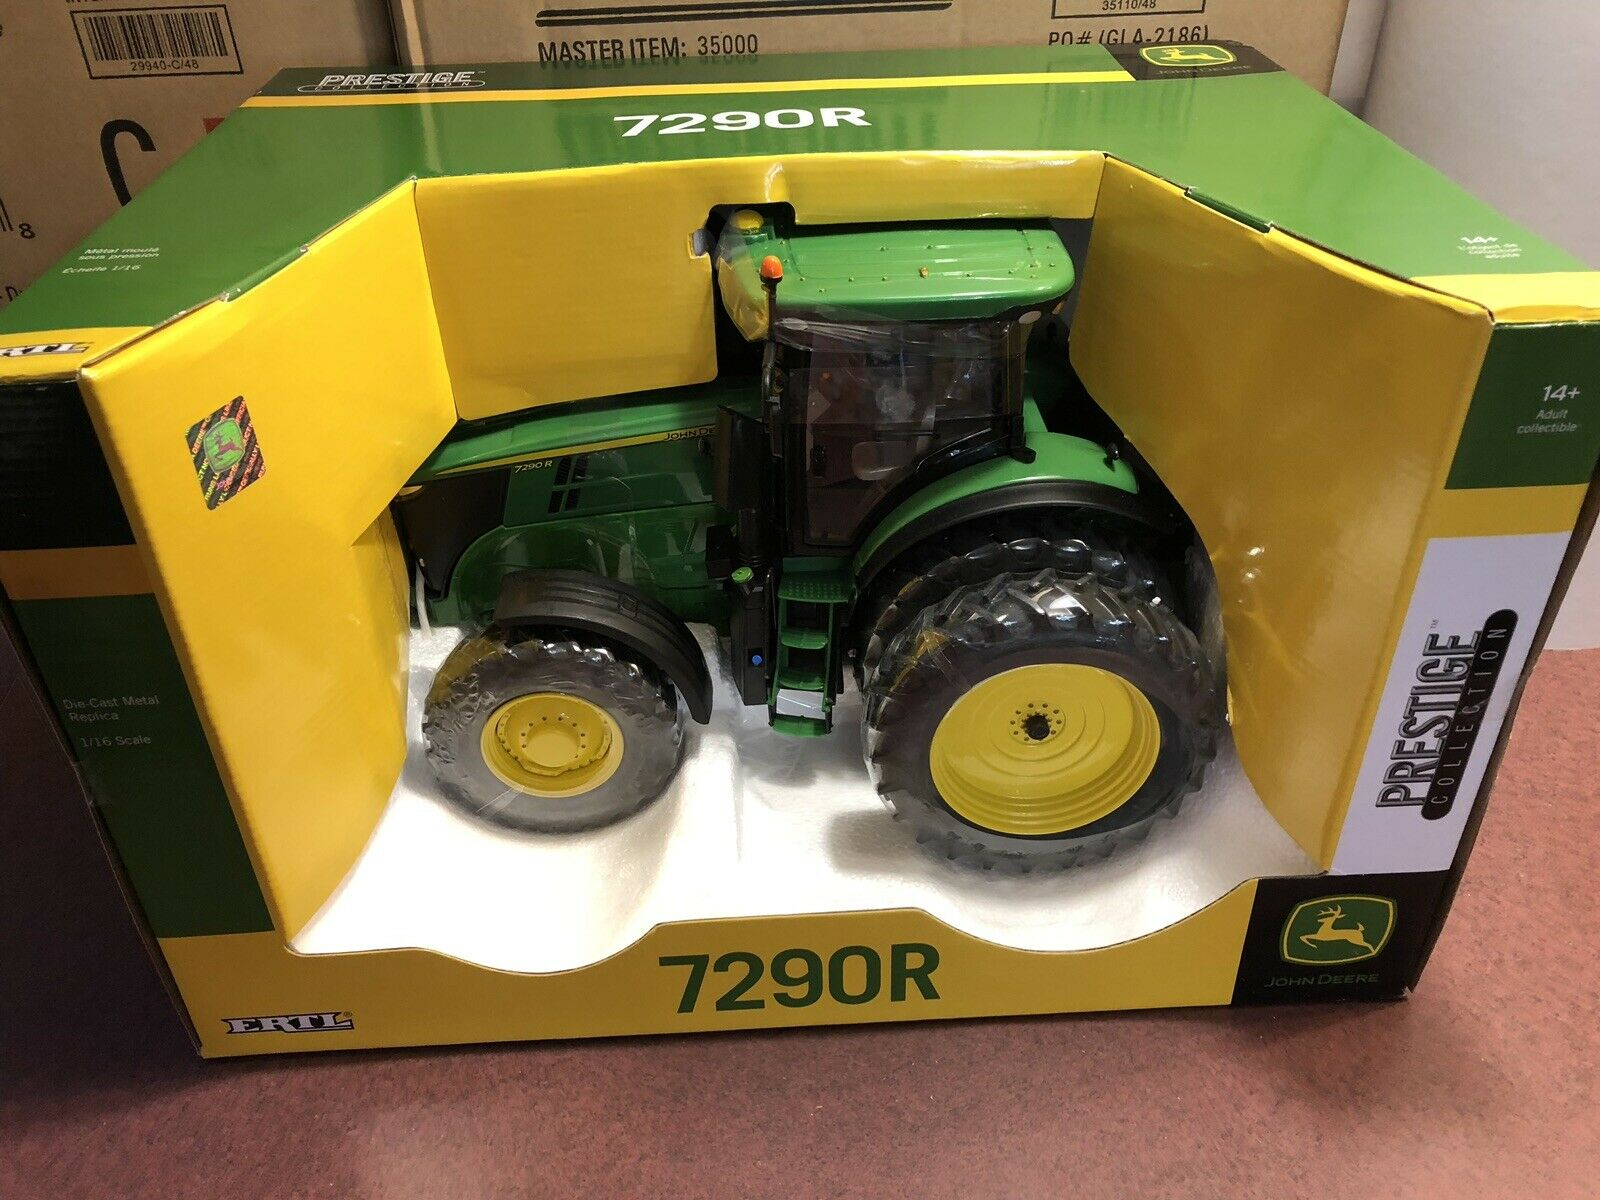 toma Ertl 1 16 Prestige Colección De John Deere Deere Deere 7290R Tractor con DUALS Trasero  nuevo sádico